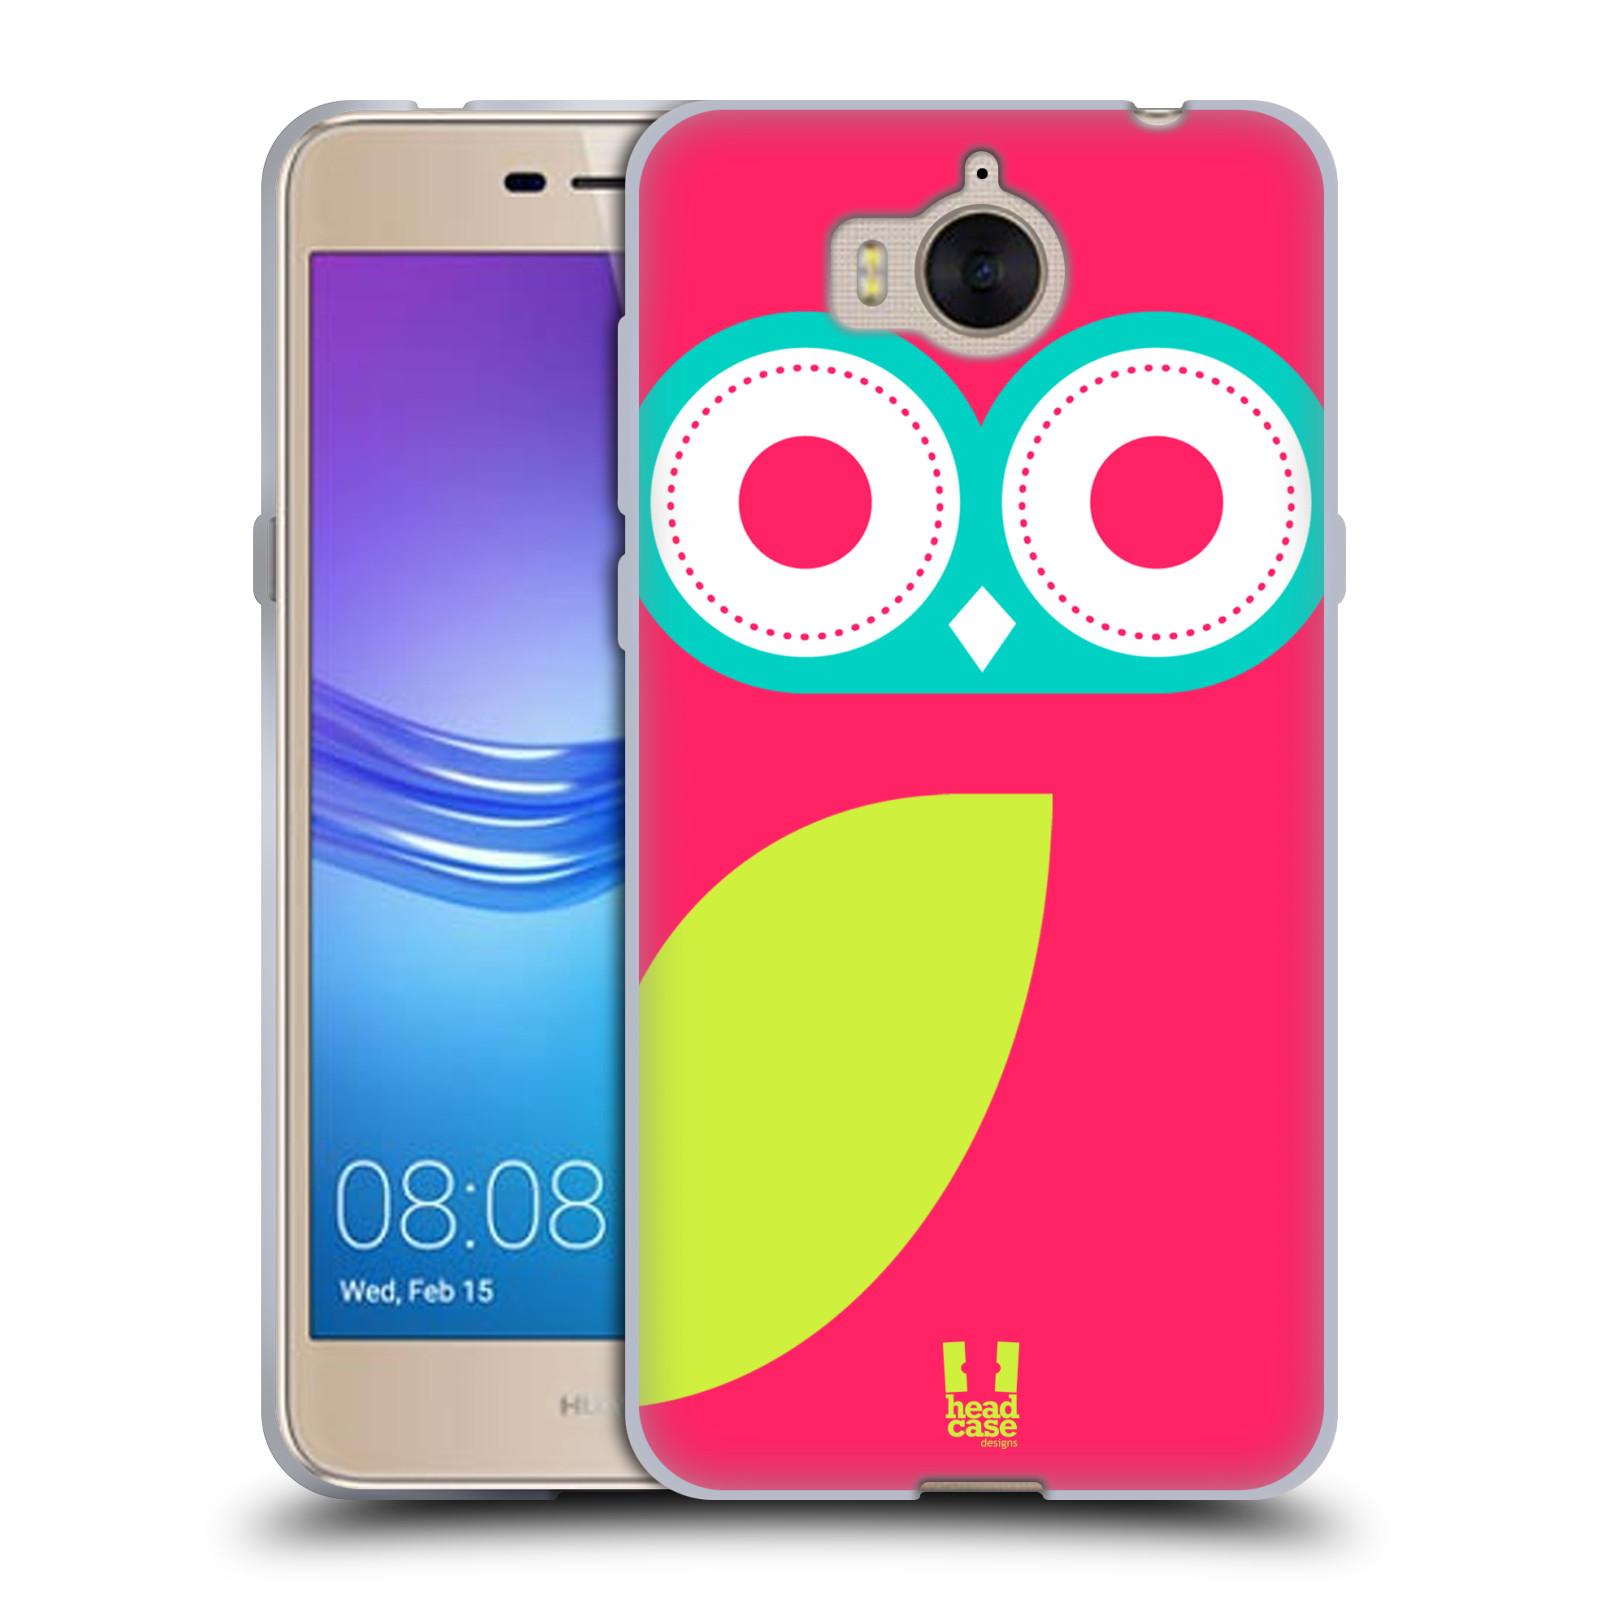 HEAD CASE silikonový obal na mobil Huawei Y5 2017 vzor roztomilá sovička barevná růžová a limeta